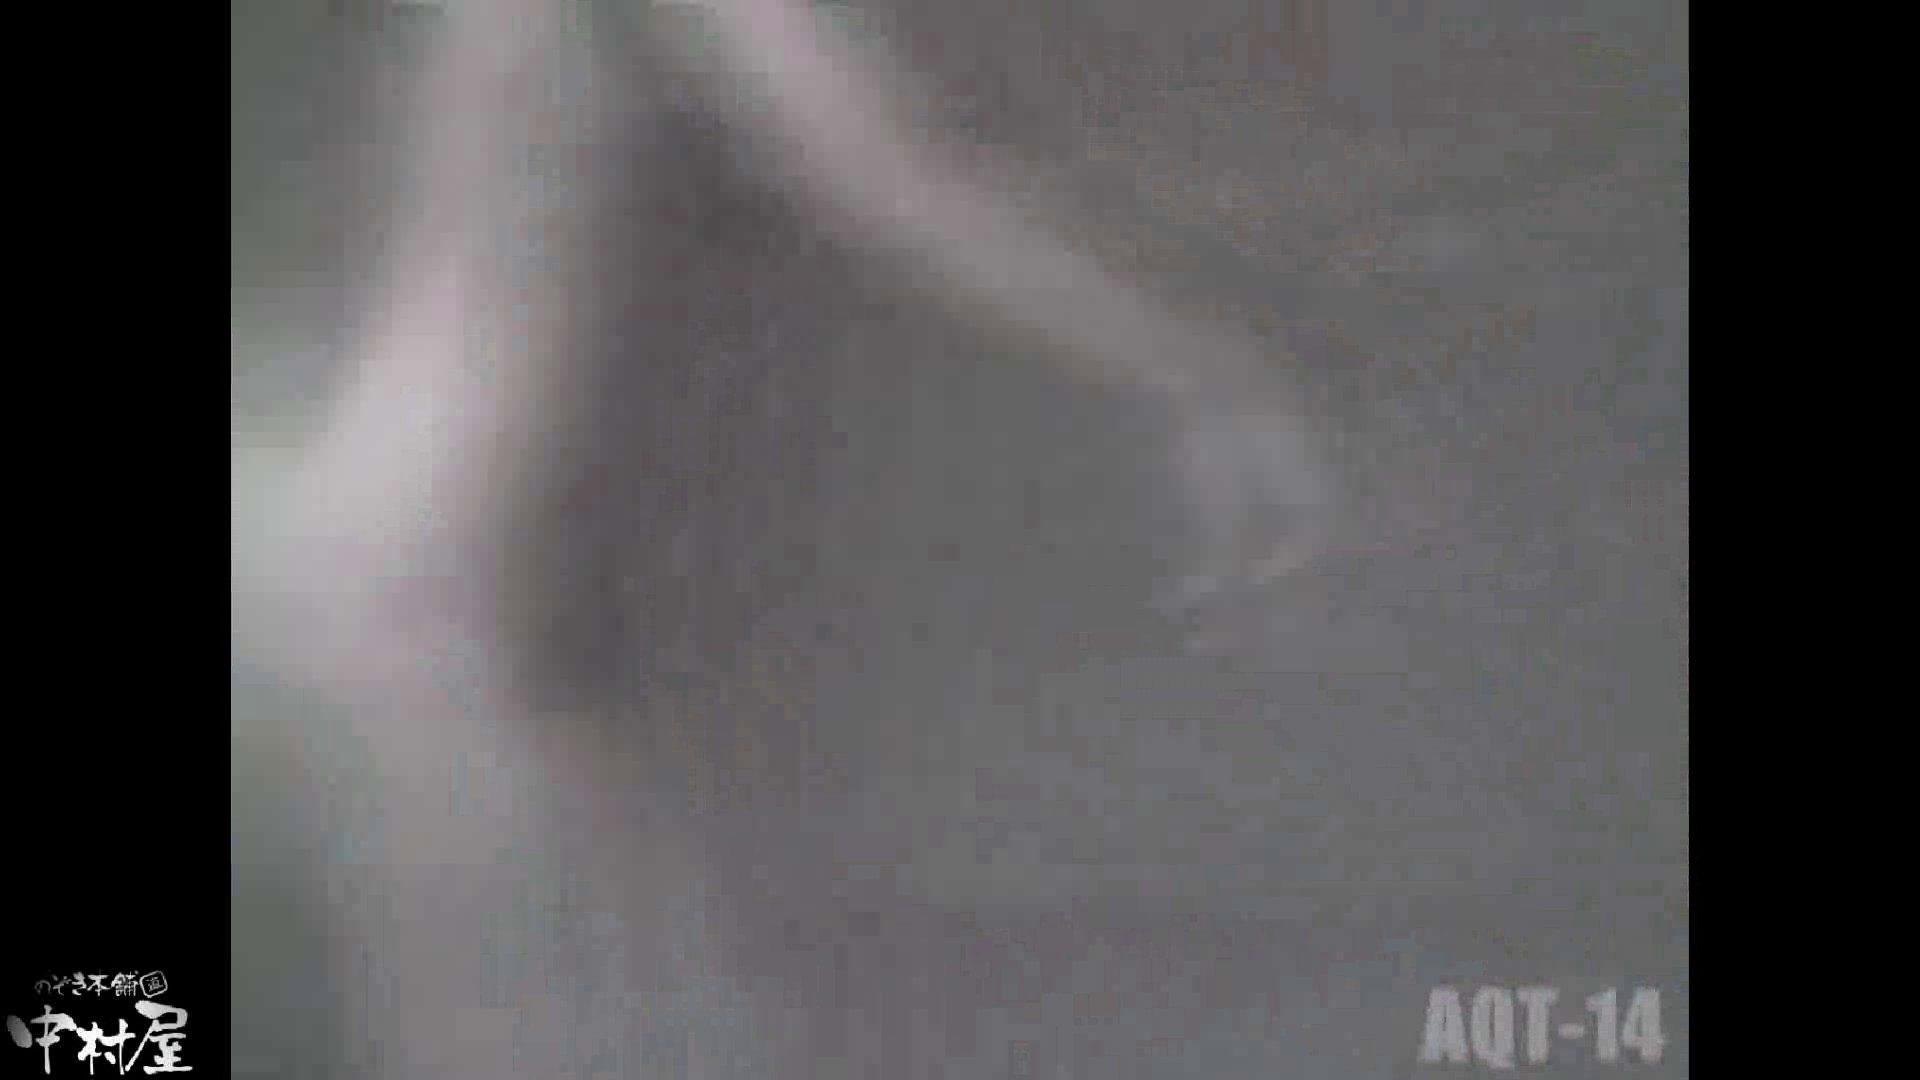 Aquaな露天風呂Vol.878潜入盗撮露天風呂十四判湯 其の十一 潜入 オメコ動画キャプチャ 98枚 46